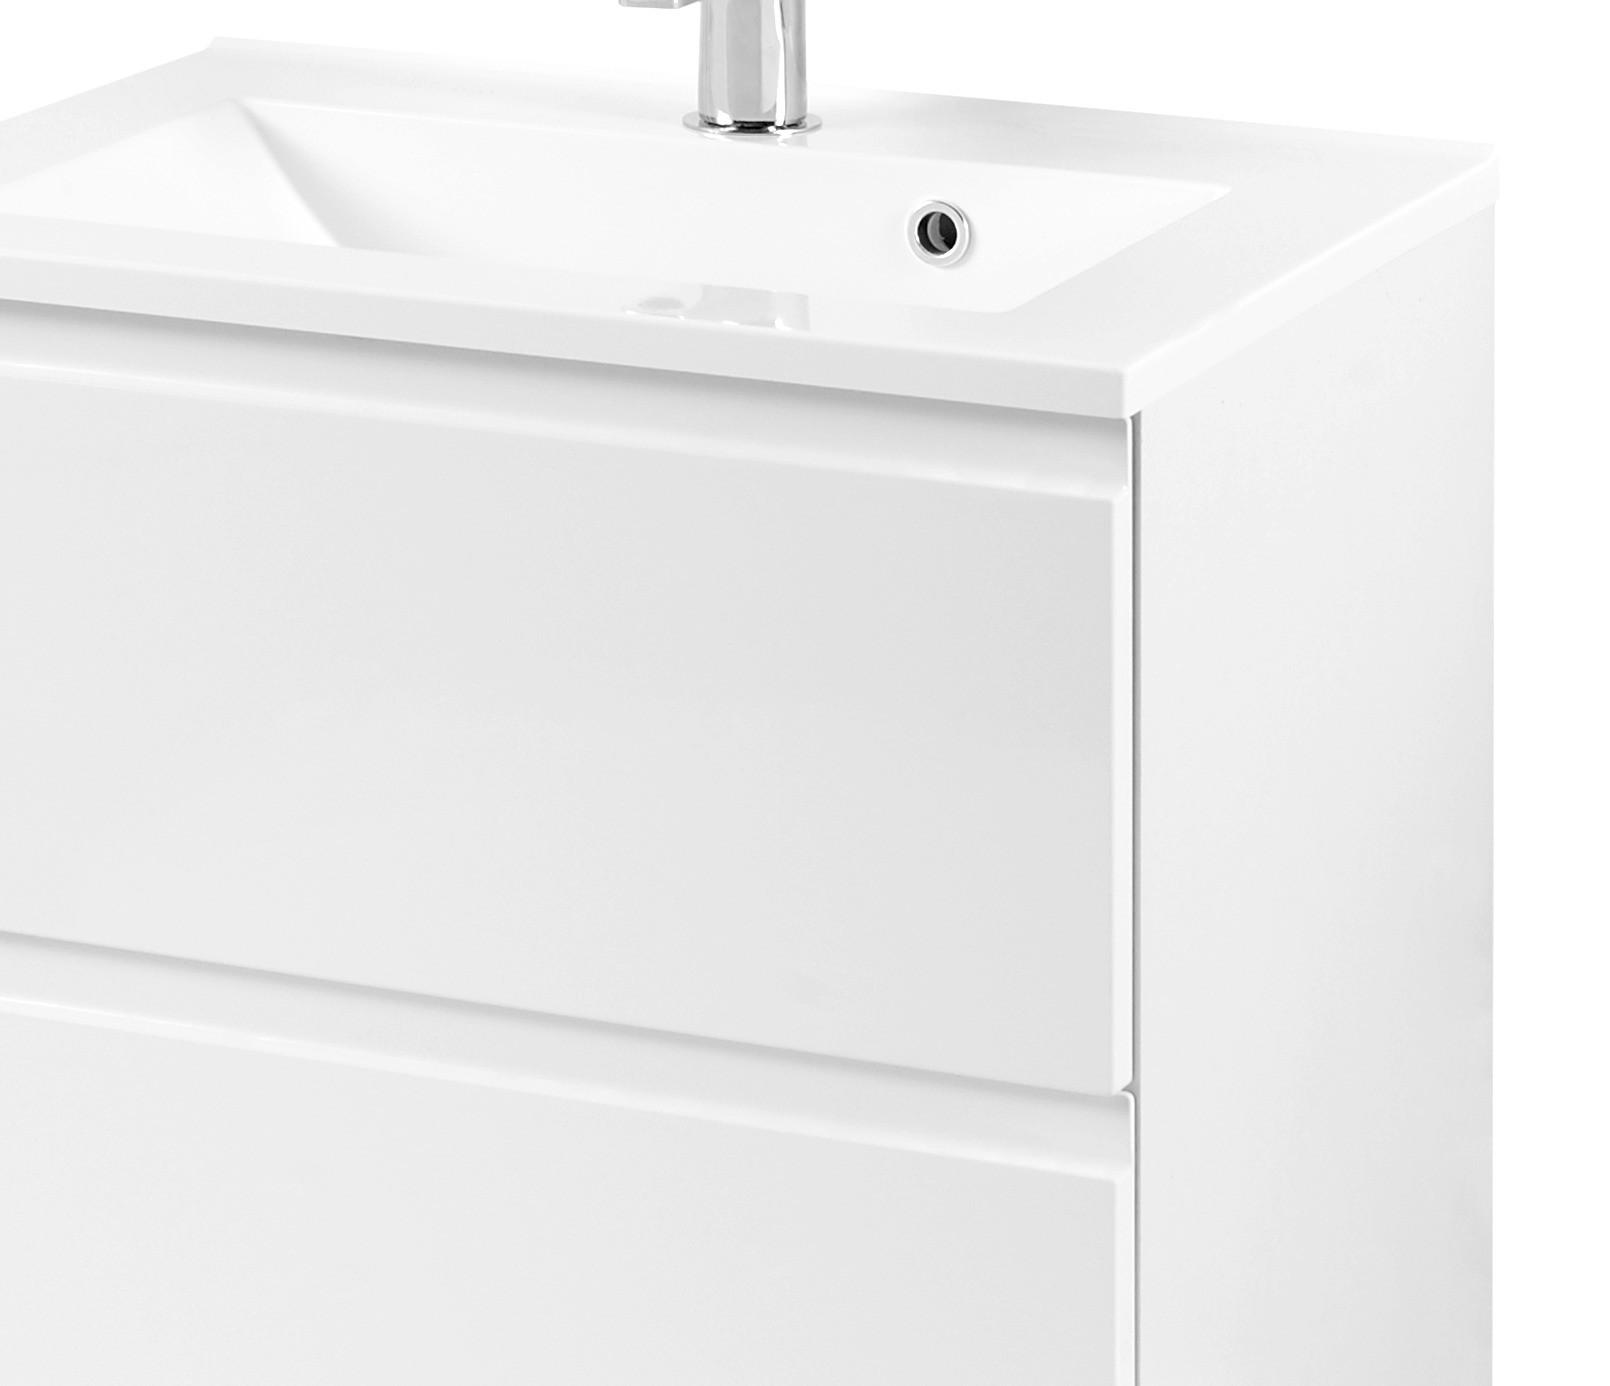 waschtischunterschrank mit becken waschbeckenunterschrank hochglanz weiss 60 cm ebay. Black Bedroom Furniture Sets. Home Design Ideas